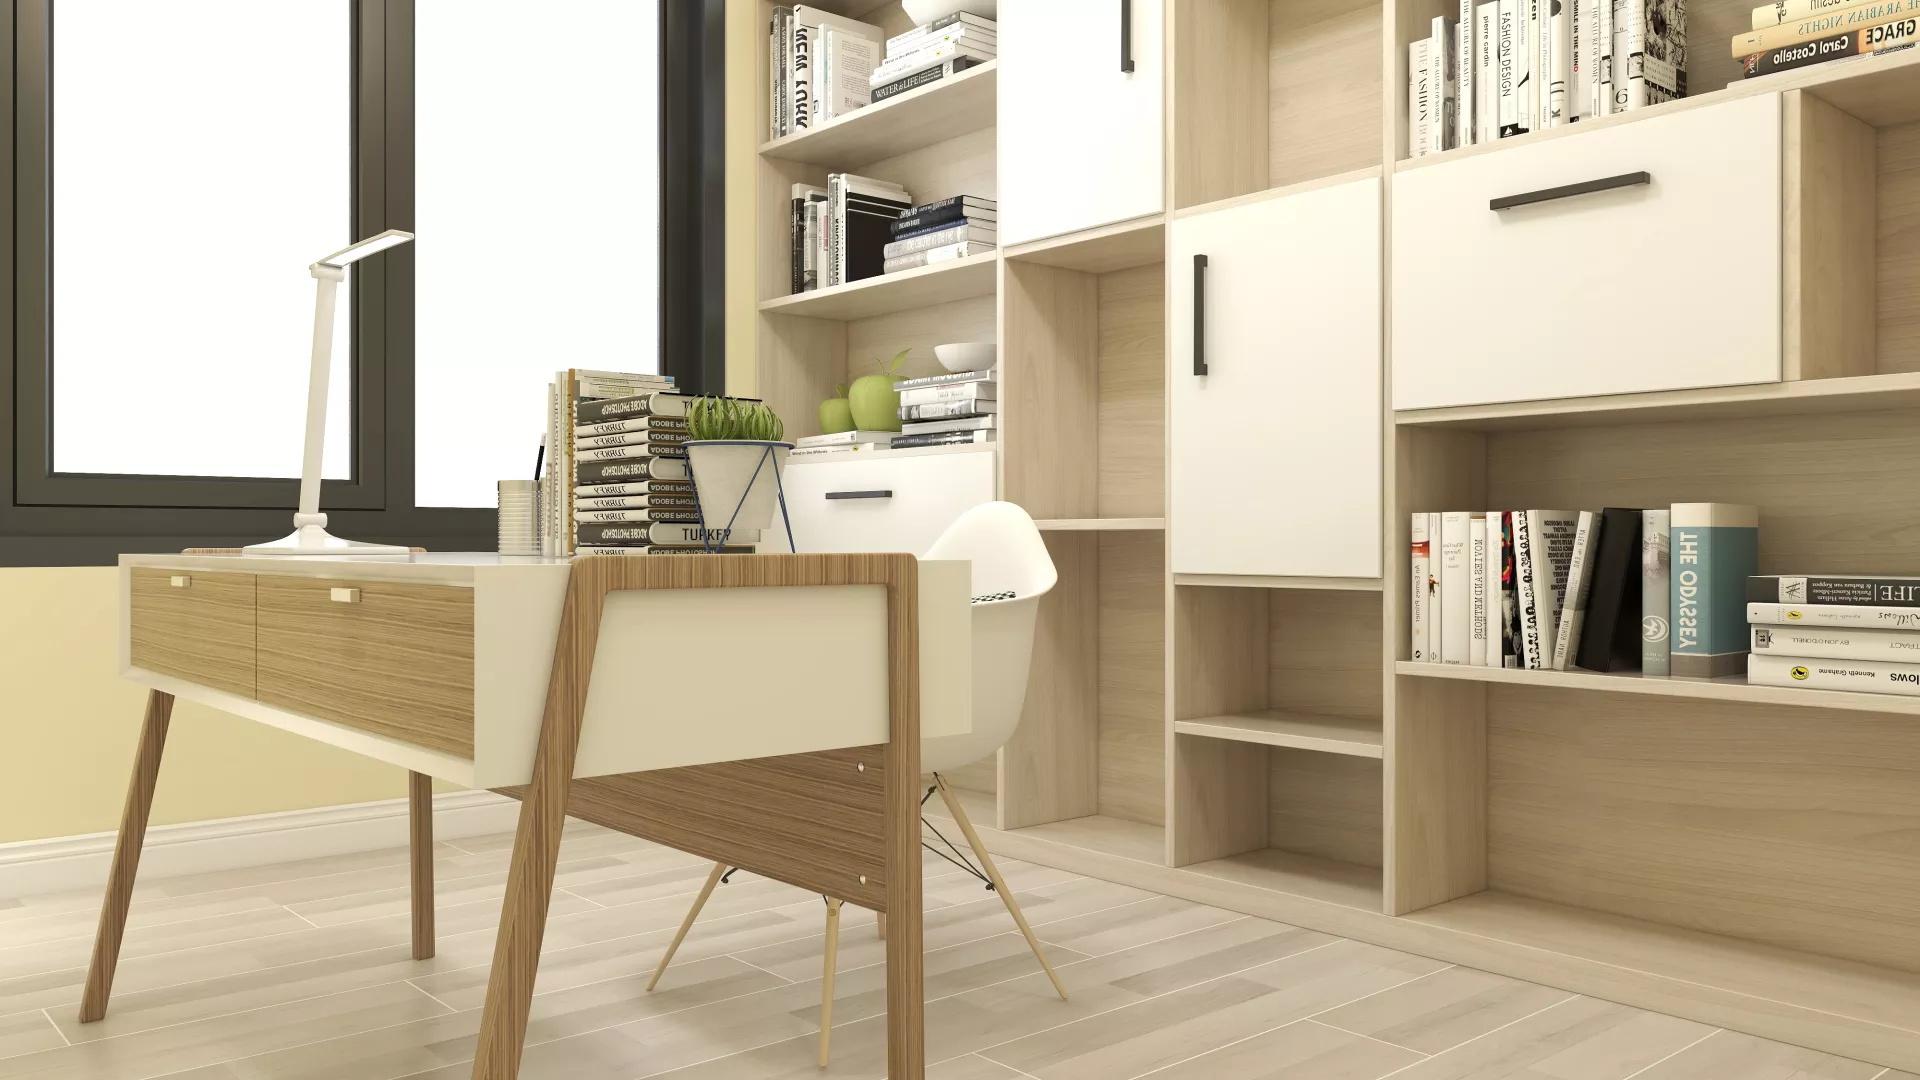 家居电视机顶盒要怎么保养?家居电视机顶盒维护保养怎么做?